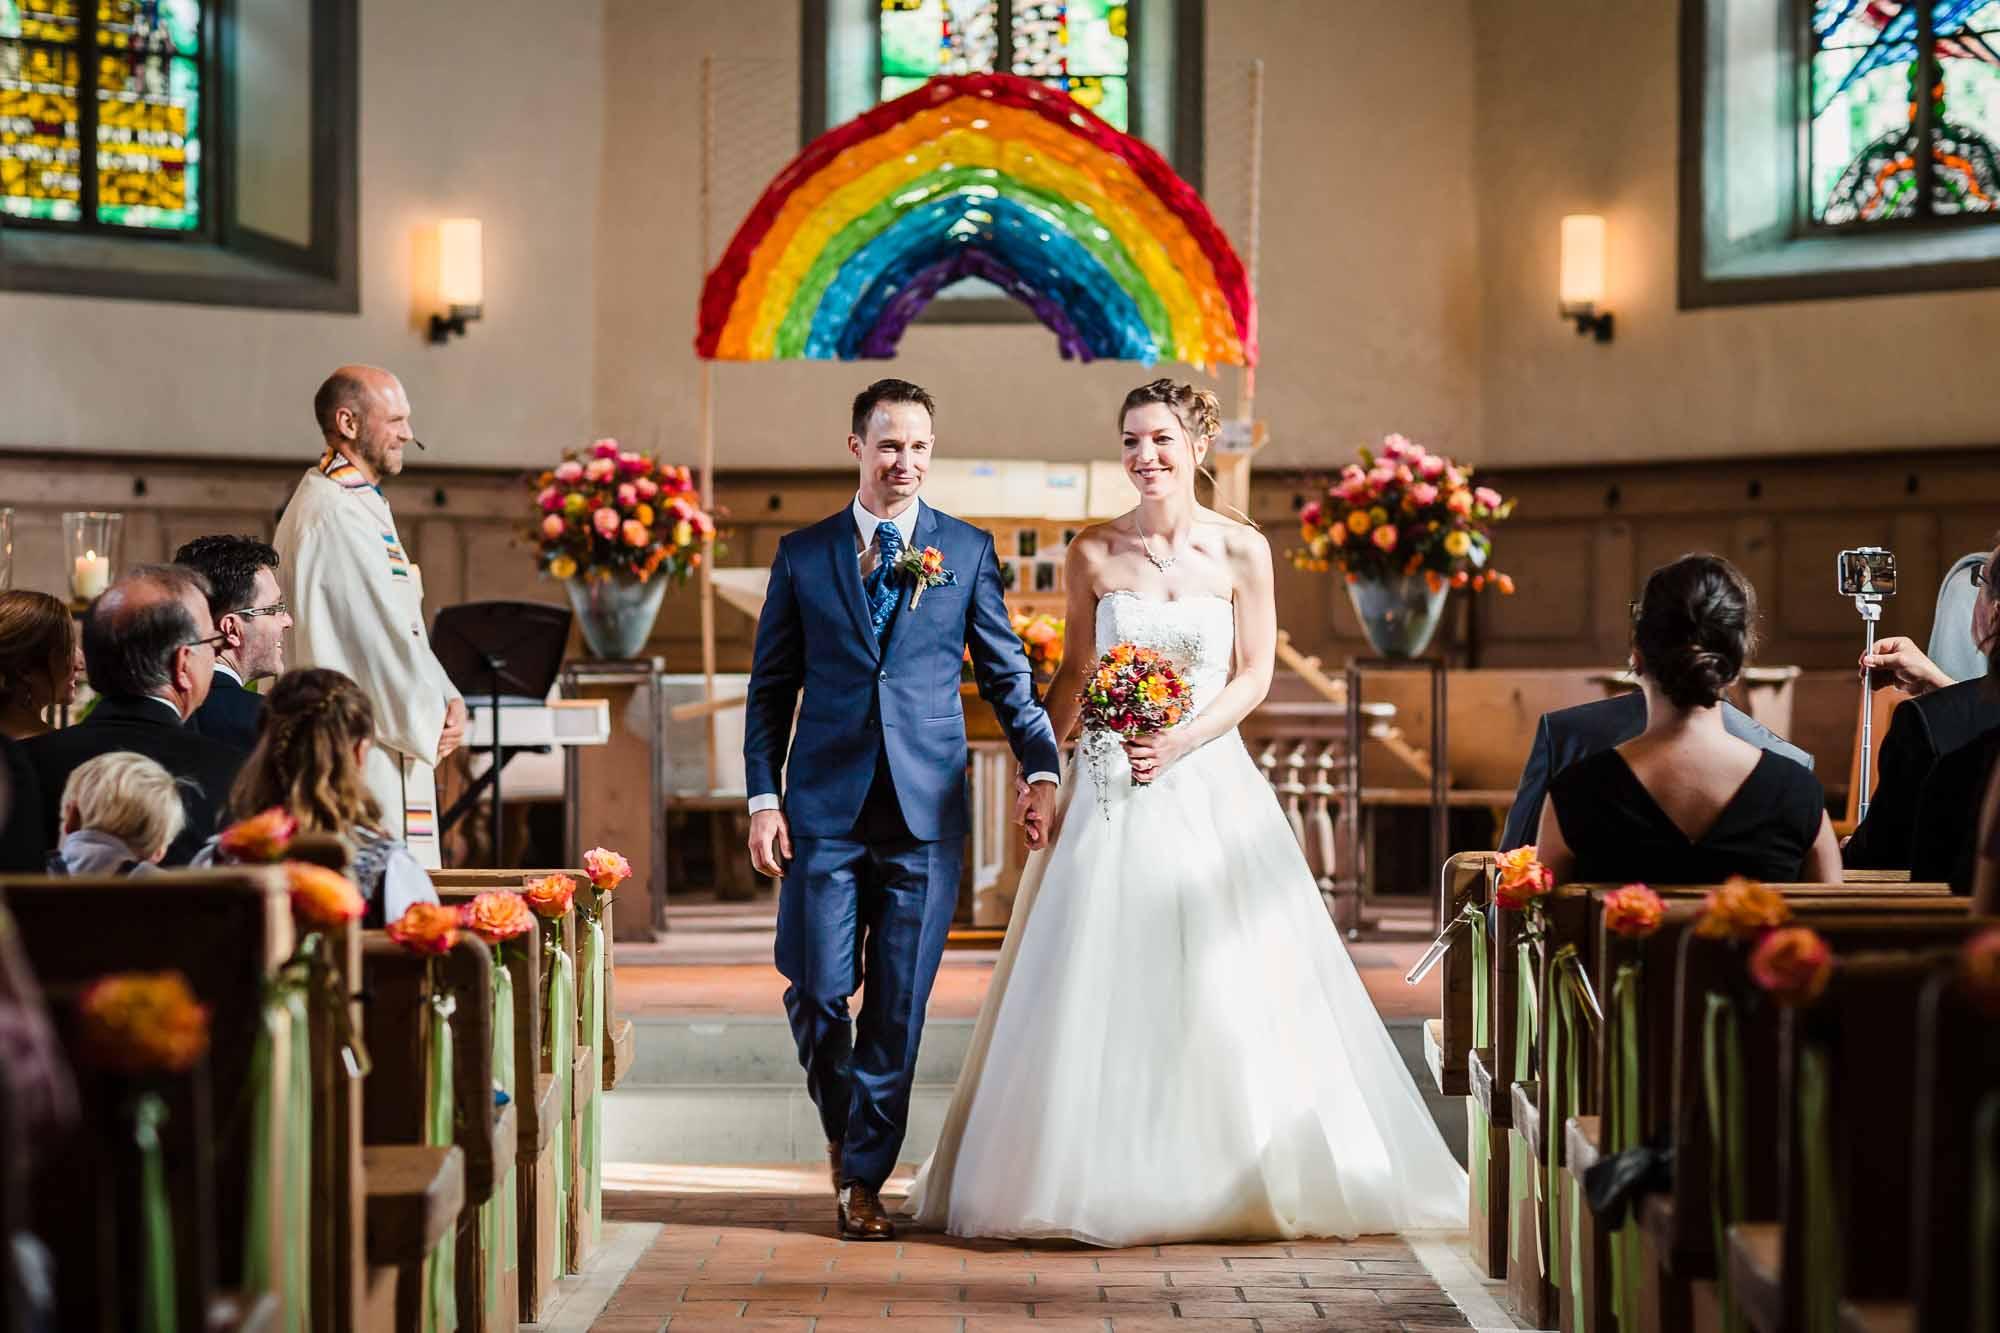 Brautpaar verlässt Kirche Trub nach Trauung